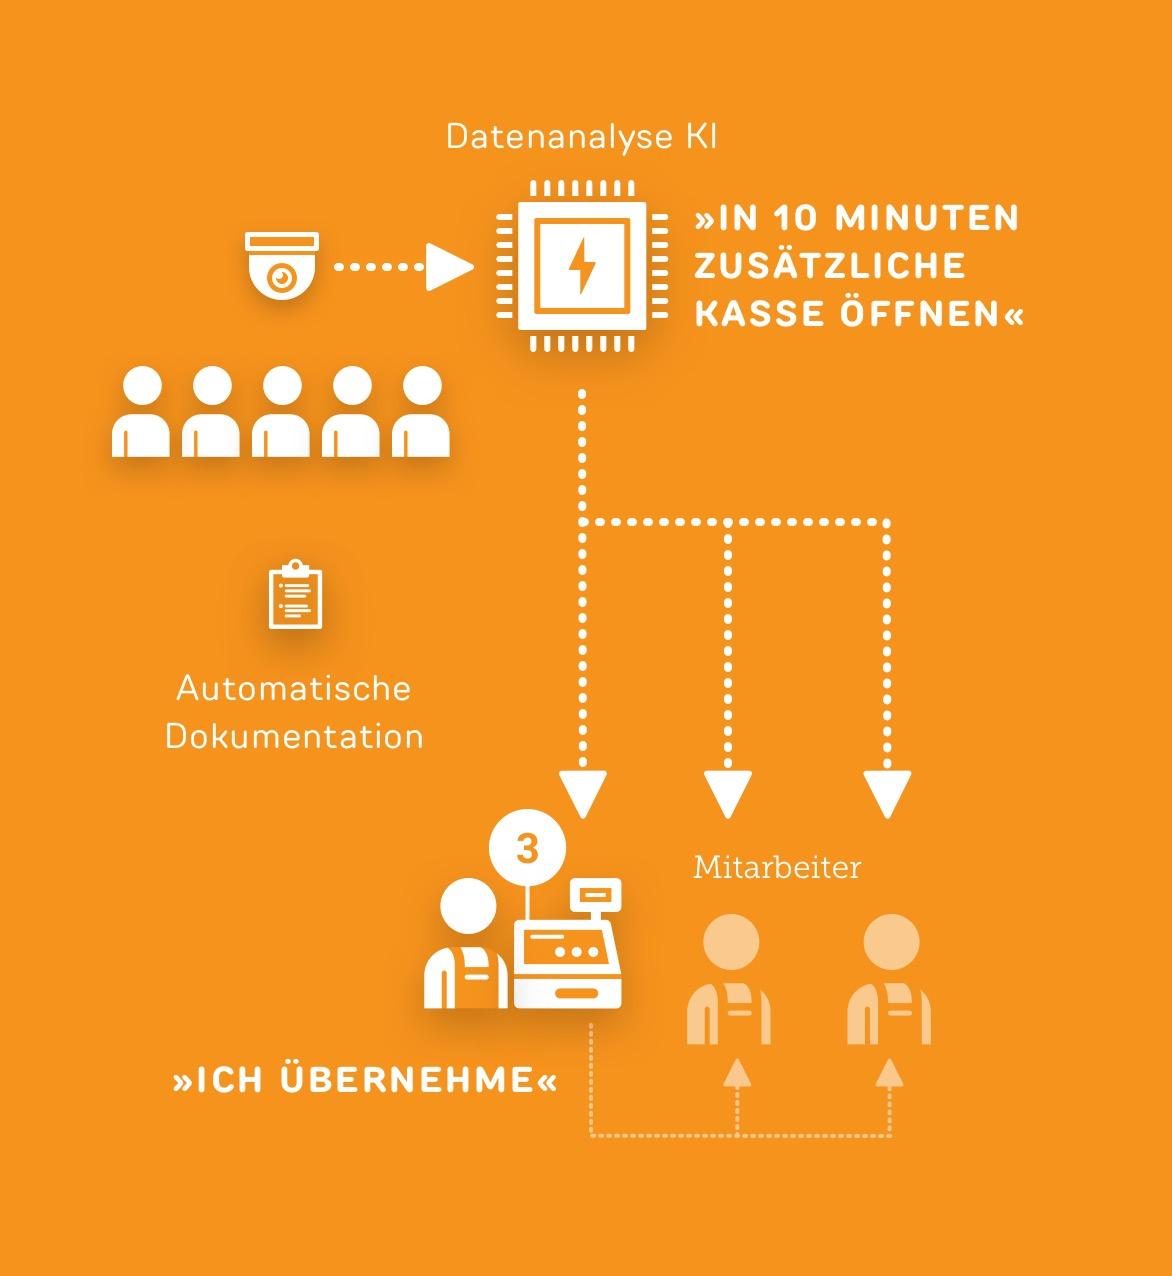 Kasse vorausschauend per KI öffnen - Use case ReAct Retail